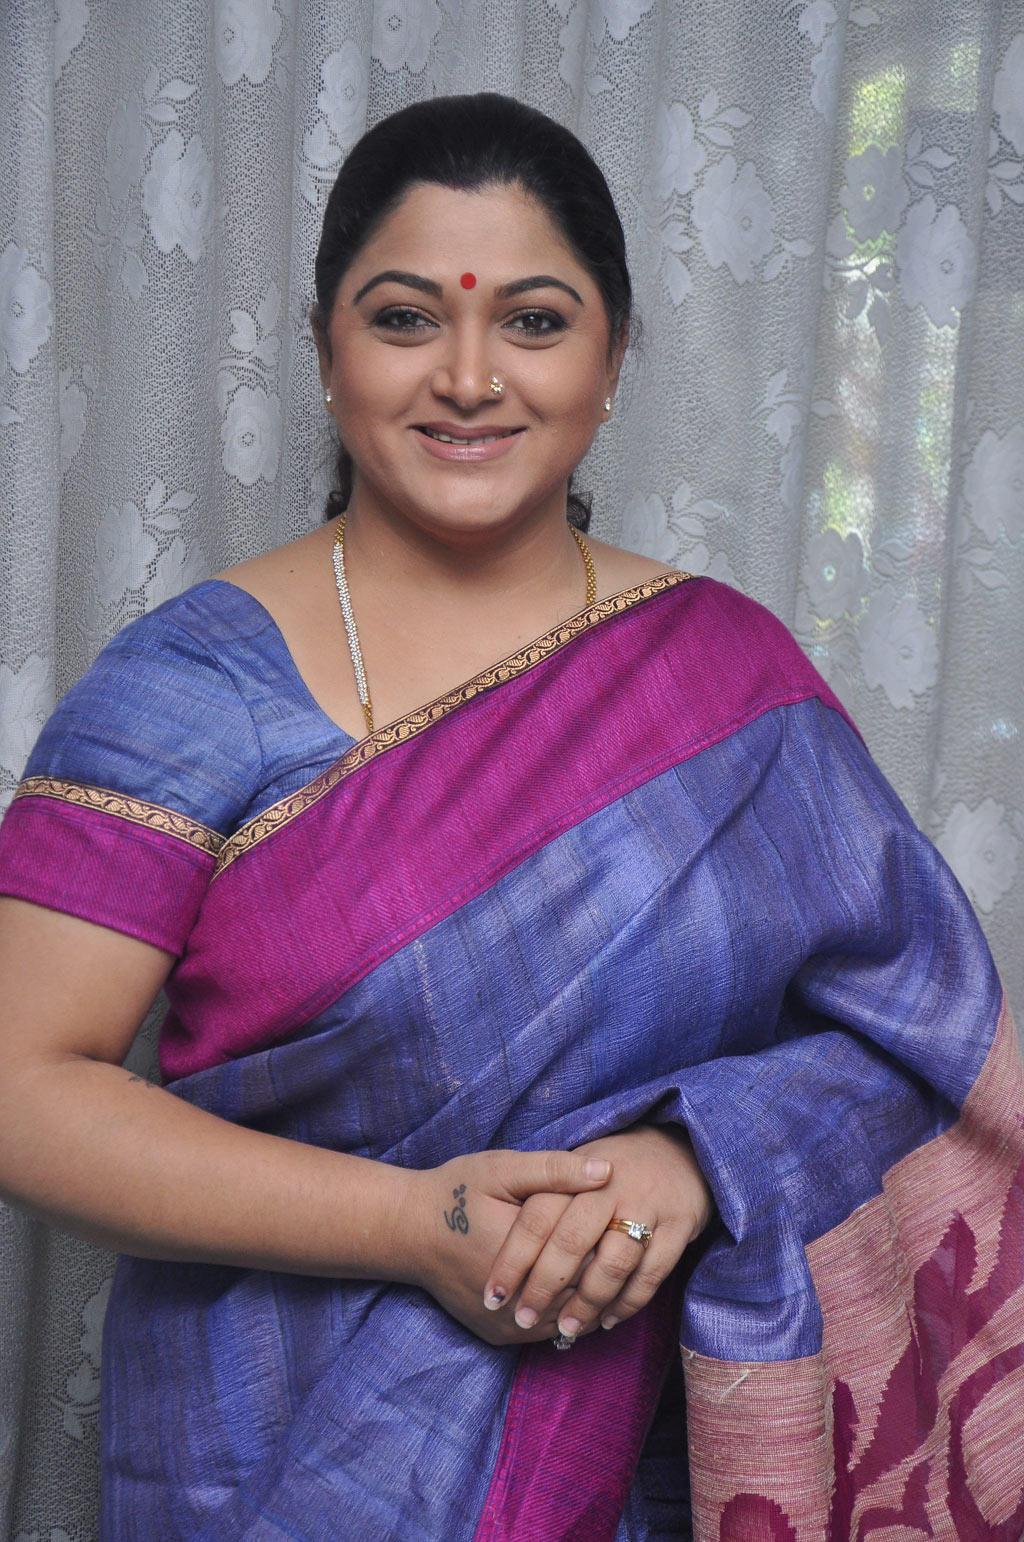 Kushboo Tamil Hot Pretty kushbhoo was supposed to play malshri's role in ramachaari